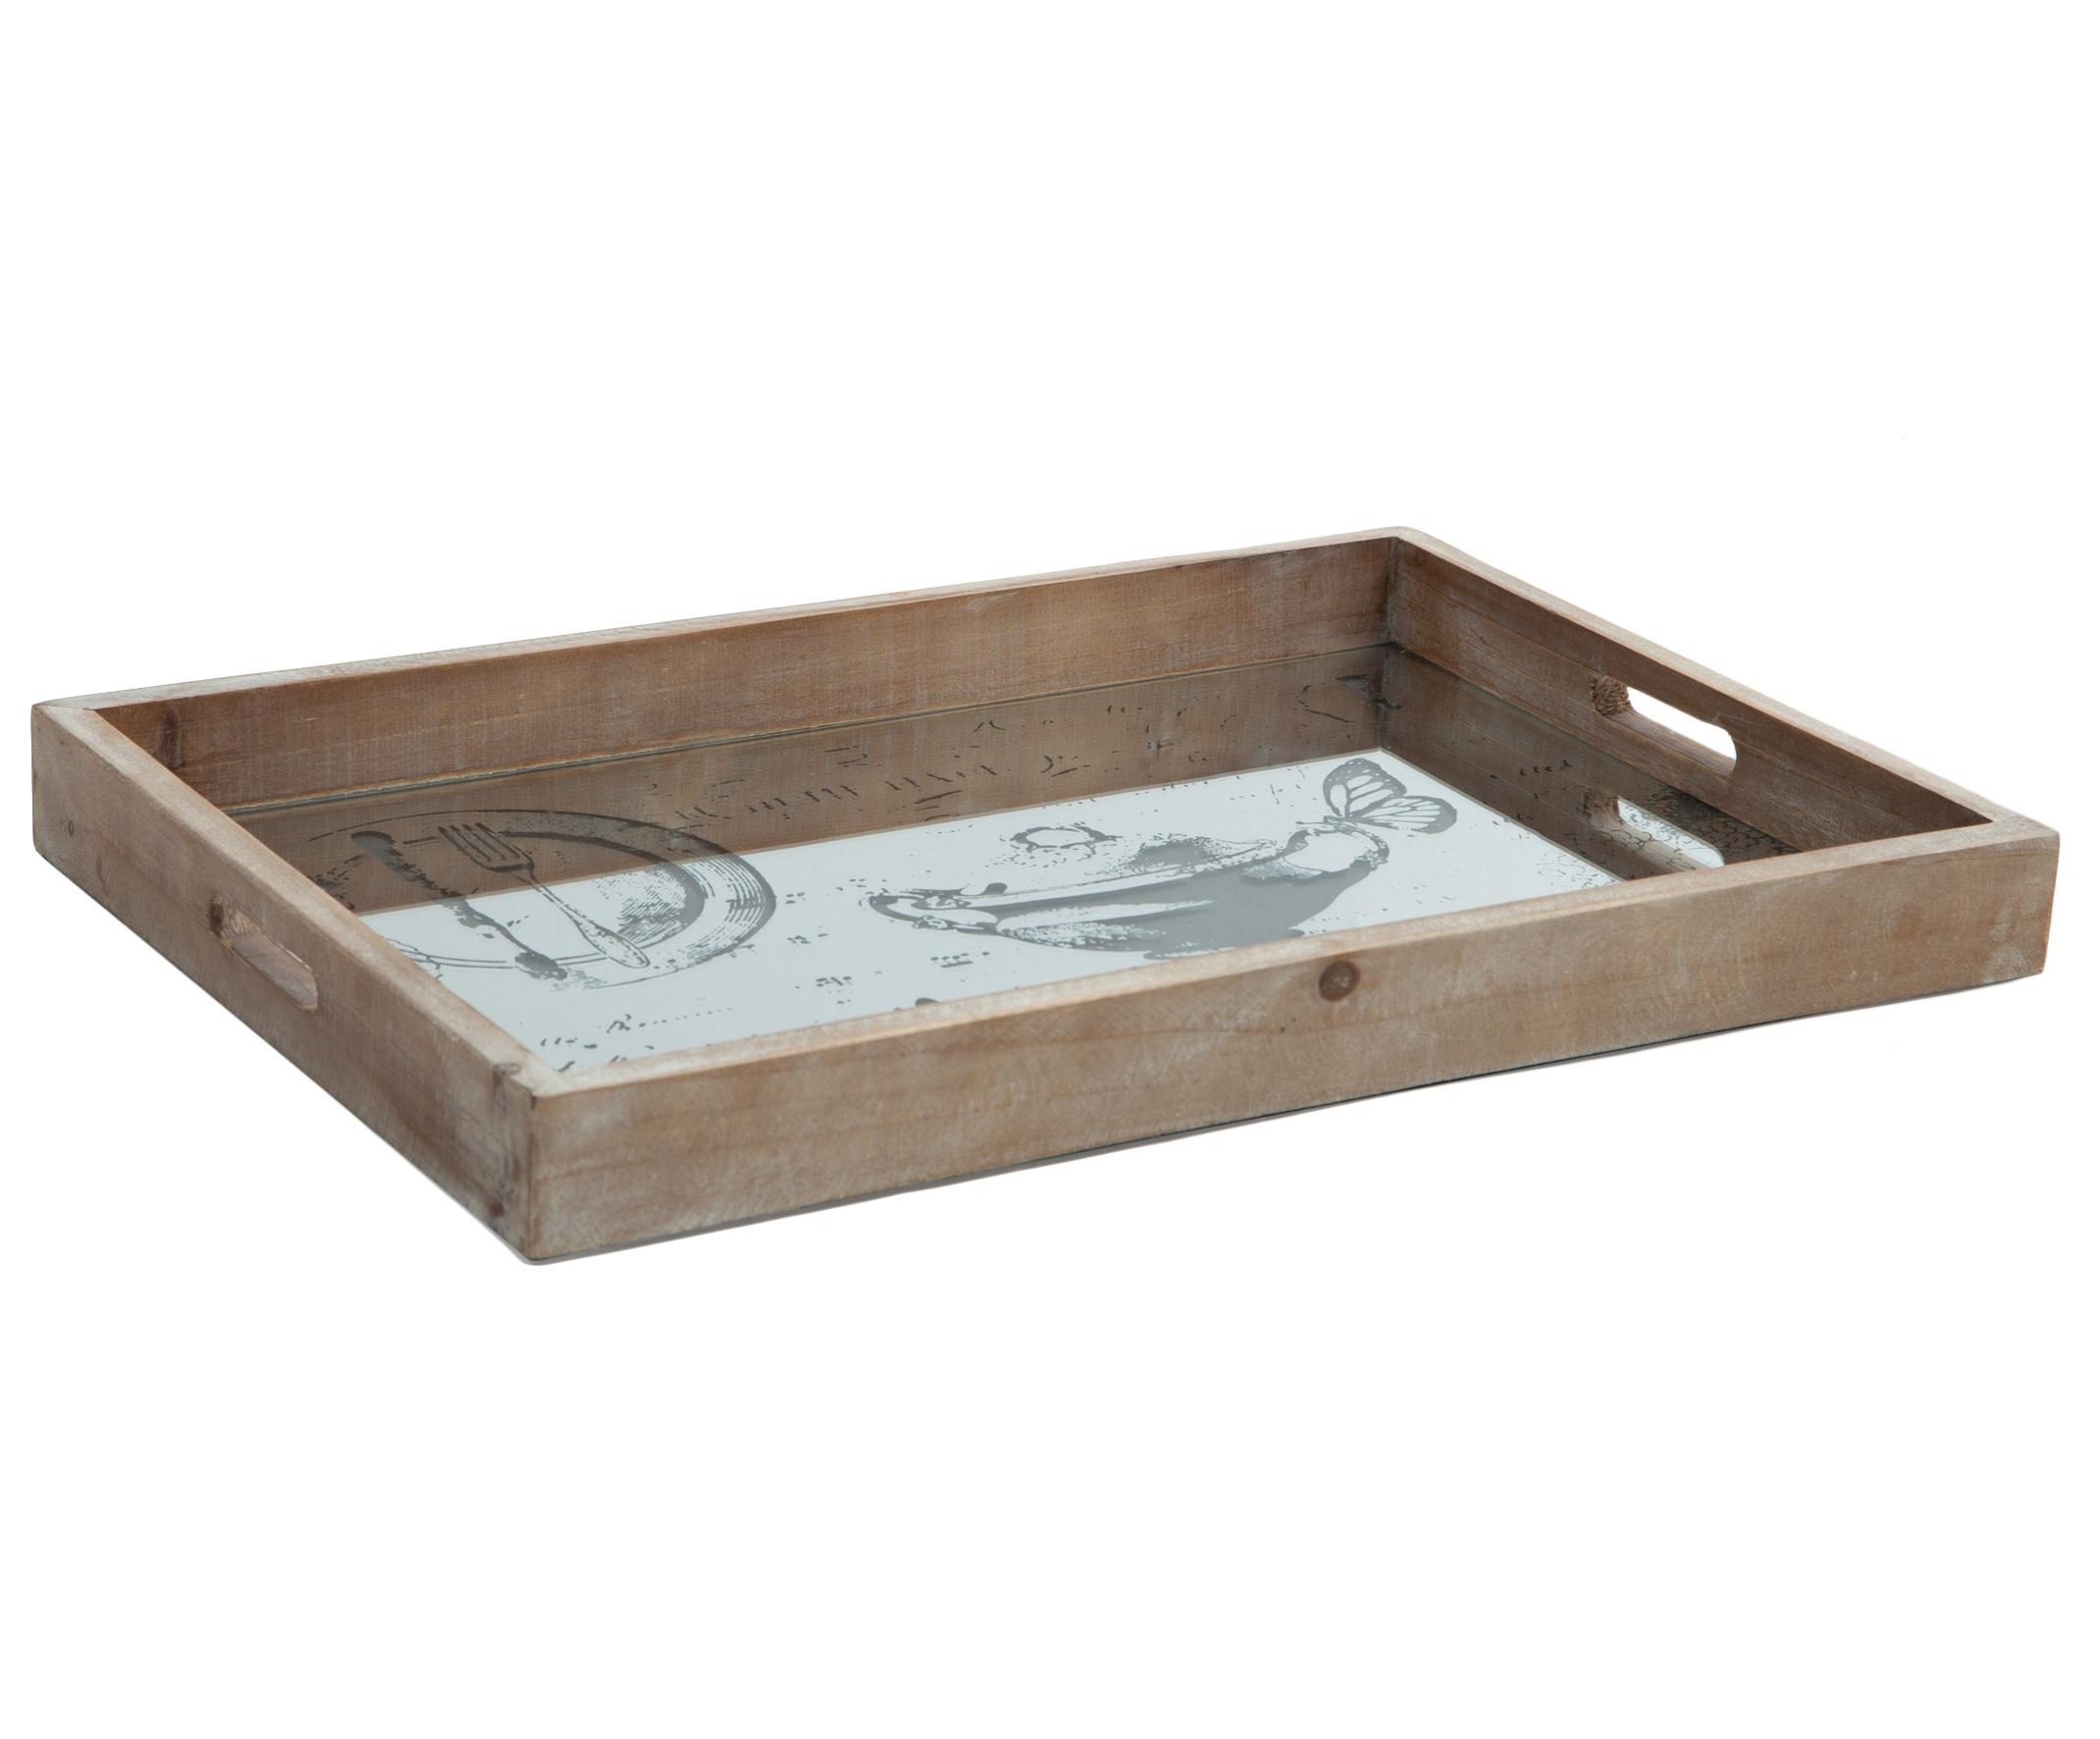 Поднос деревянныйДекоративные подносы<br>Поднос с деревянными бортиками и зеркальным дном с рисунком в ассортименте.<br><br>Material: Дерево<br>Length см: 53<br>Width см: 36